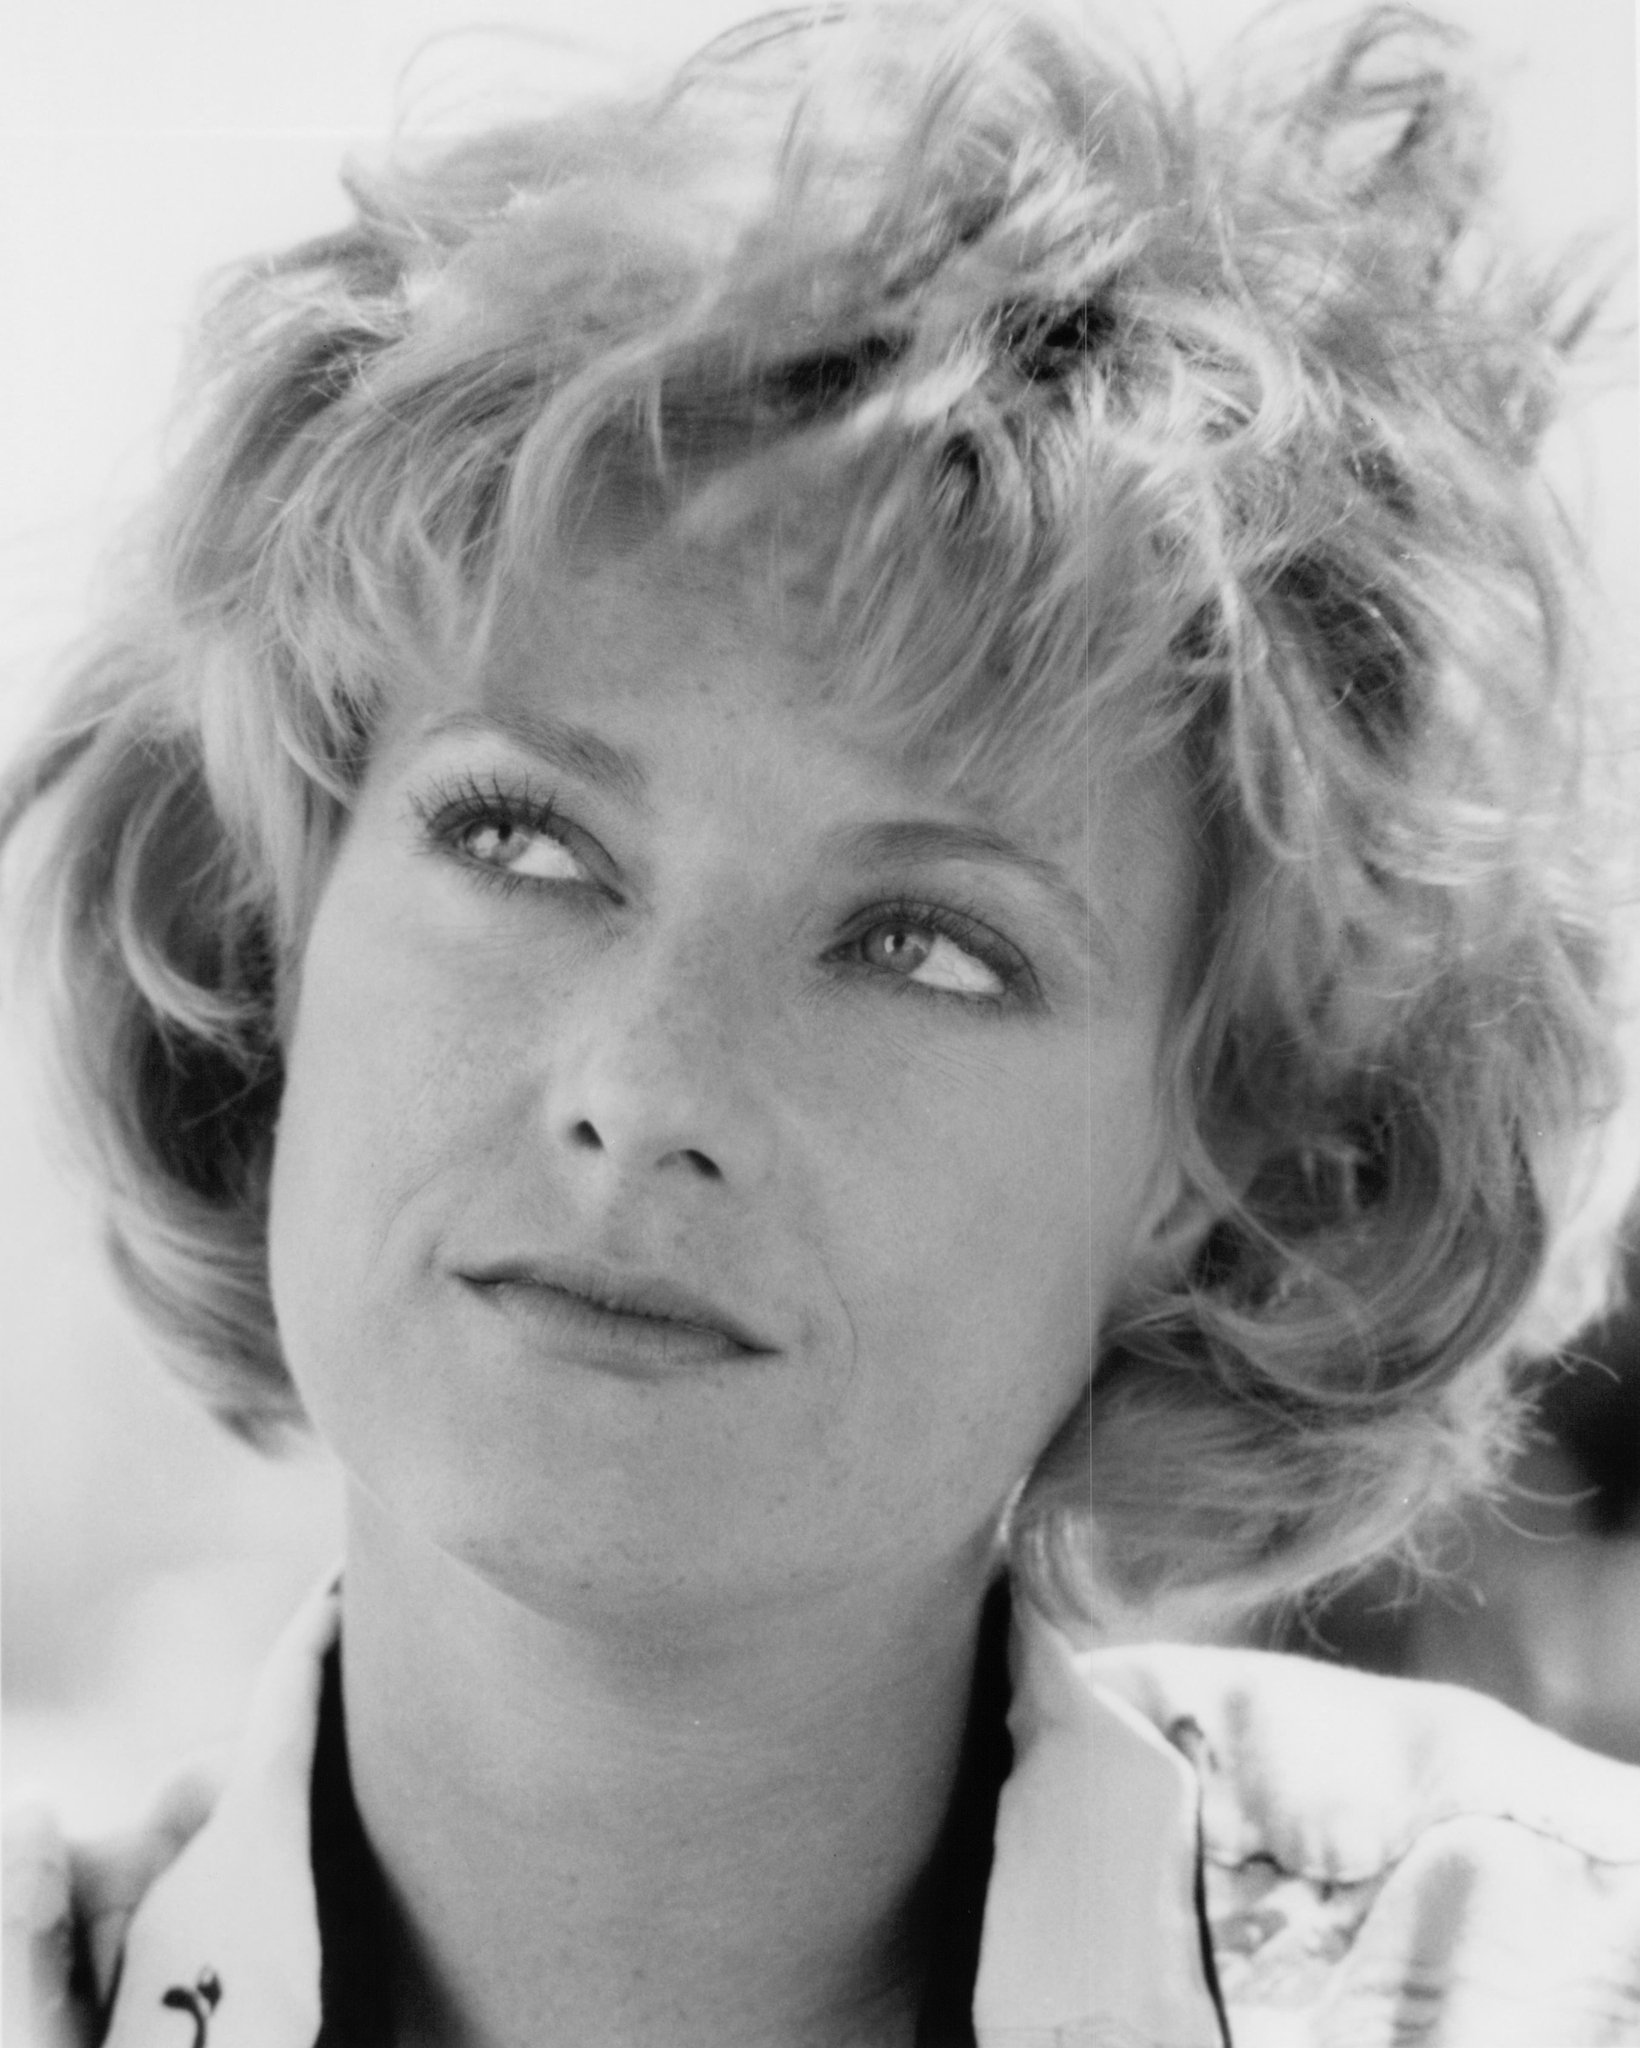 Lisa Blount in Blind Fury (1989)